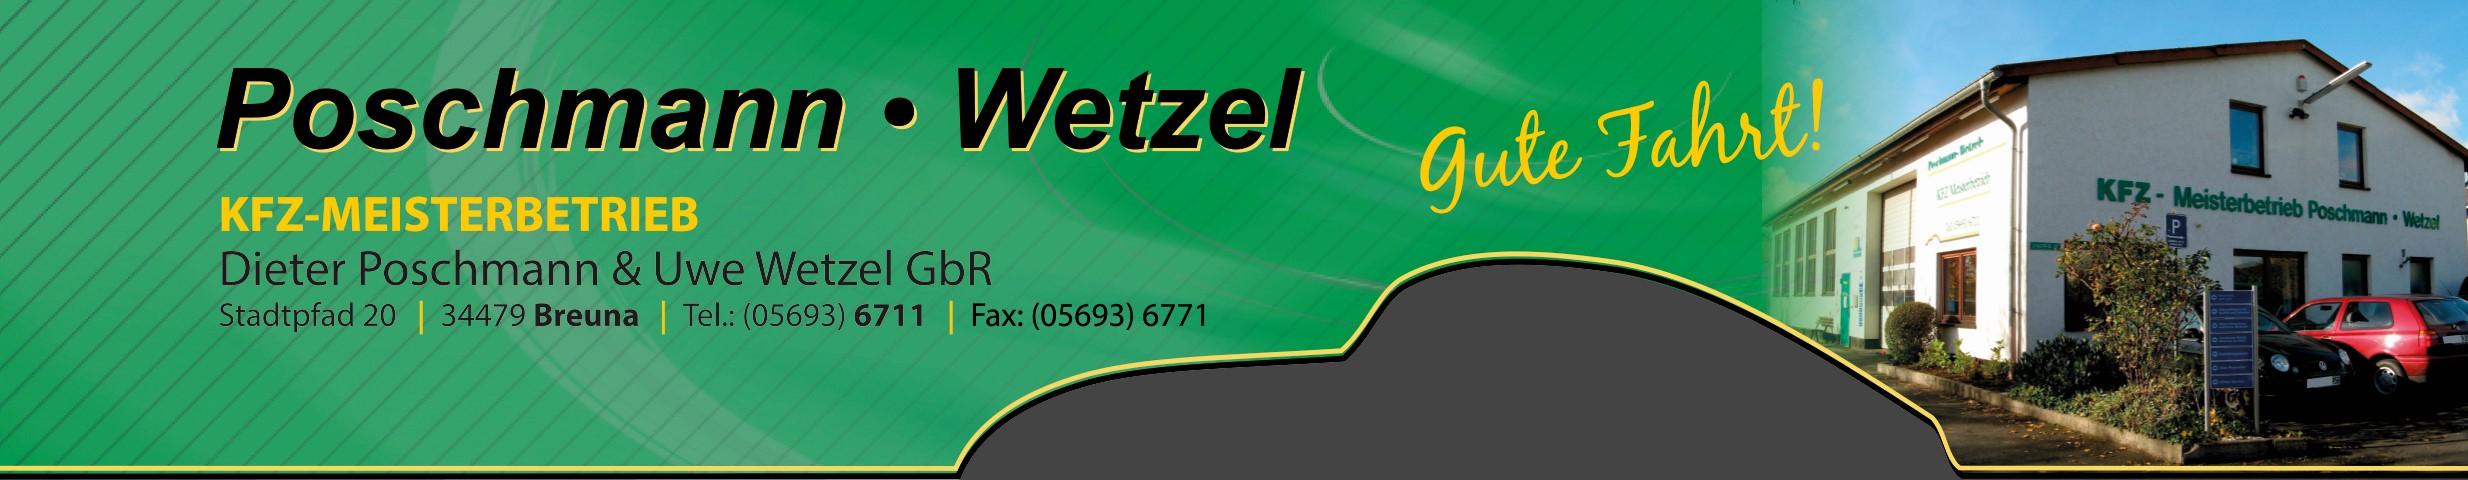 Poschmann und Wetzel – KFZ Meisterbetrieb in Breuna